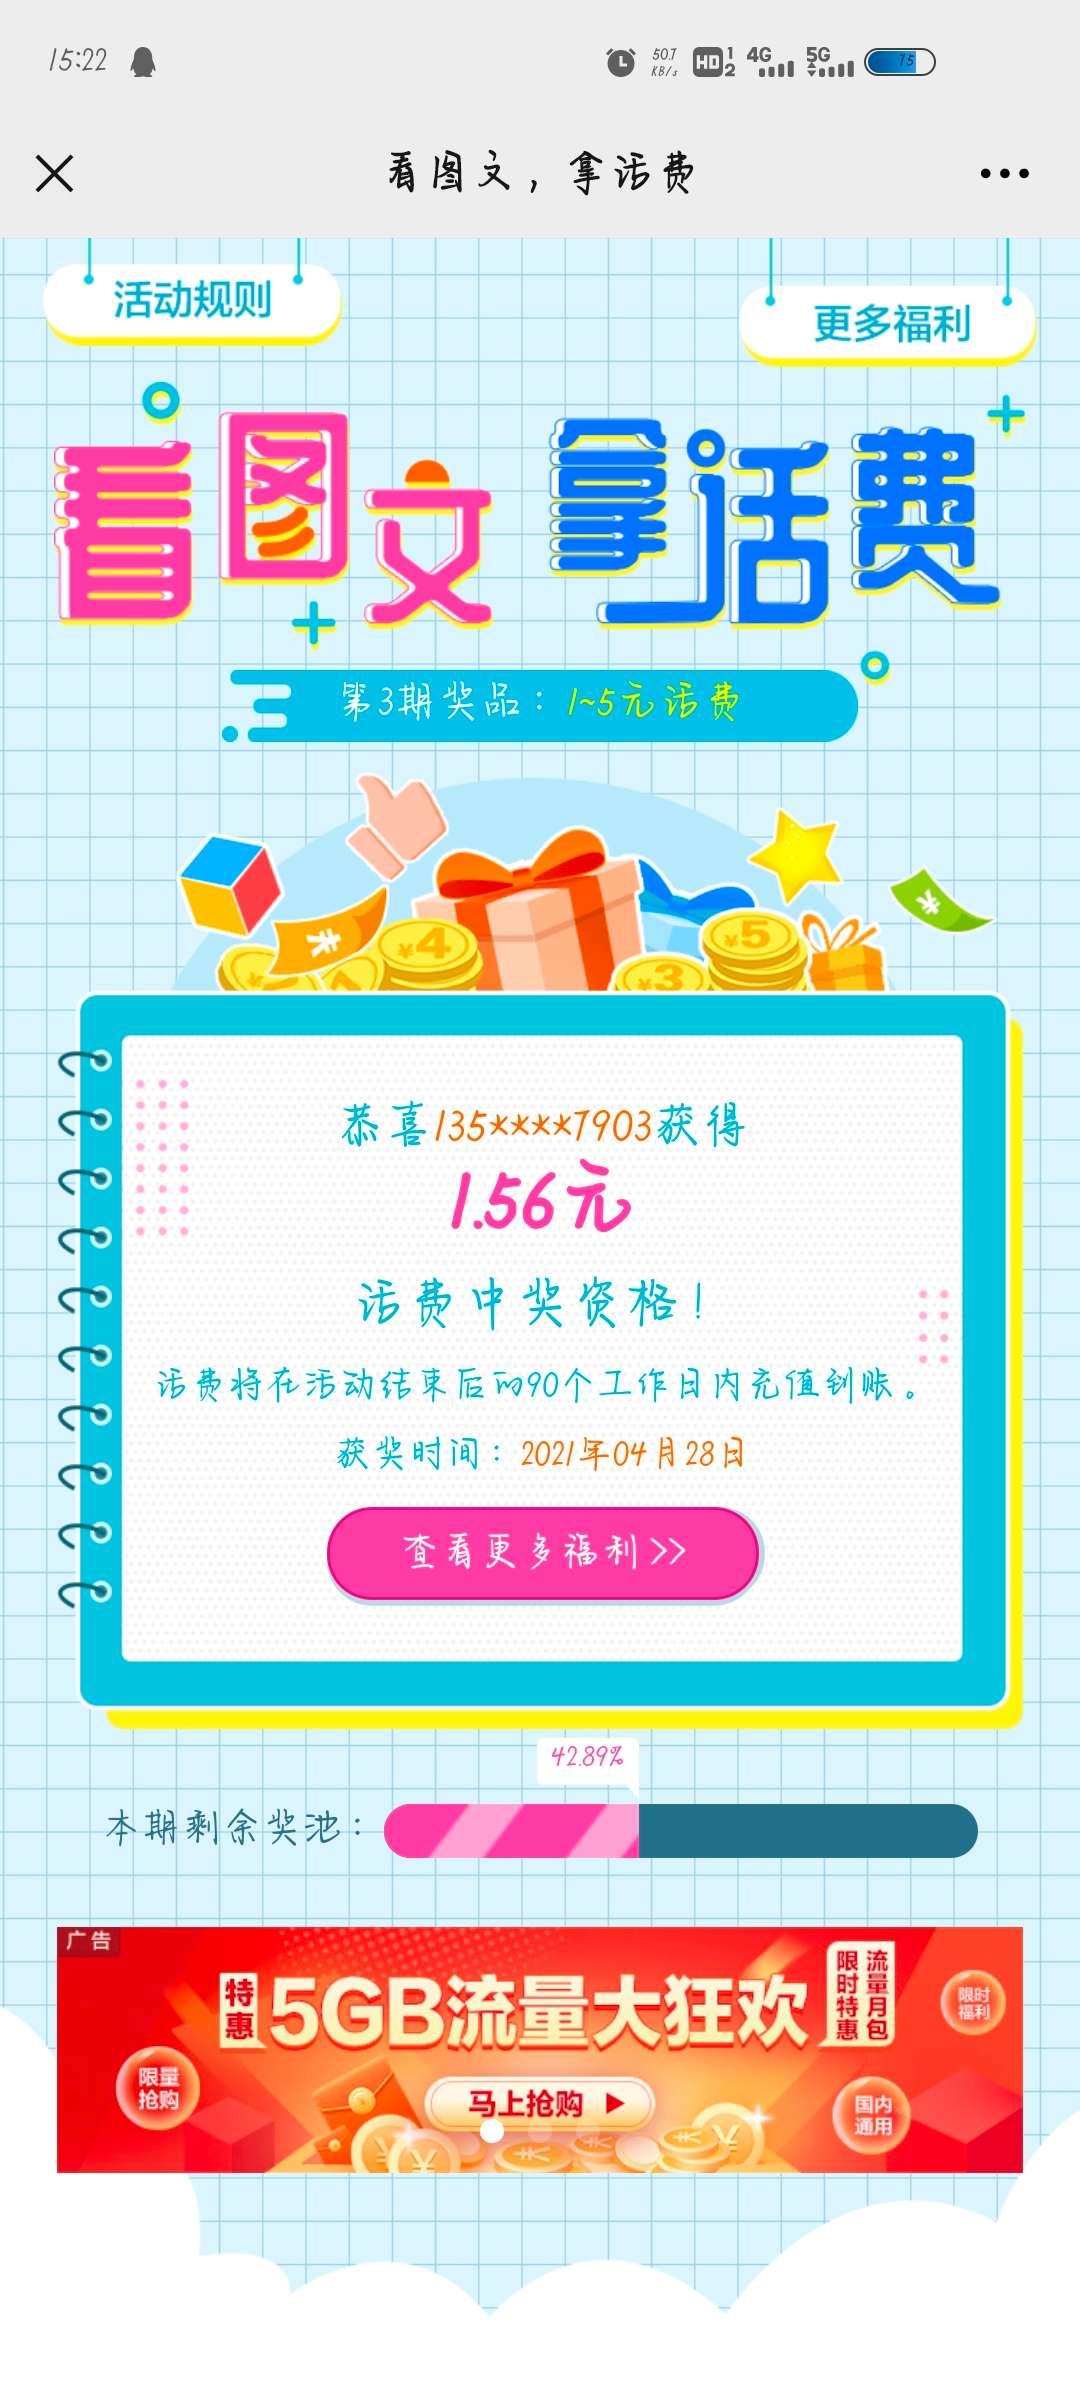 中国移动10086看文章领话费